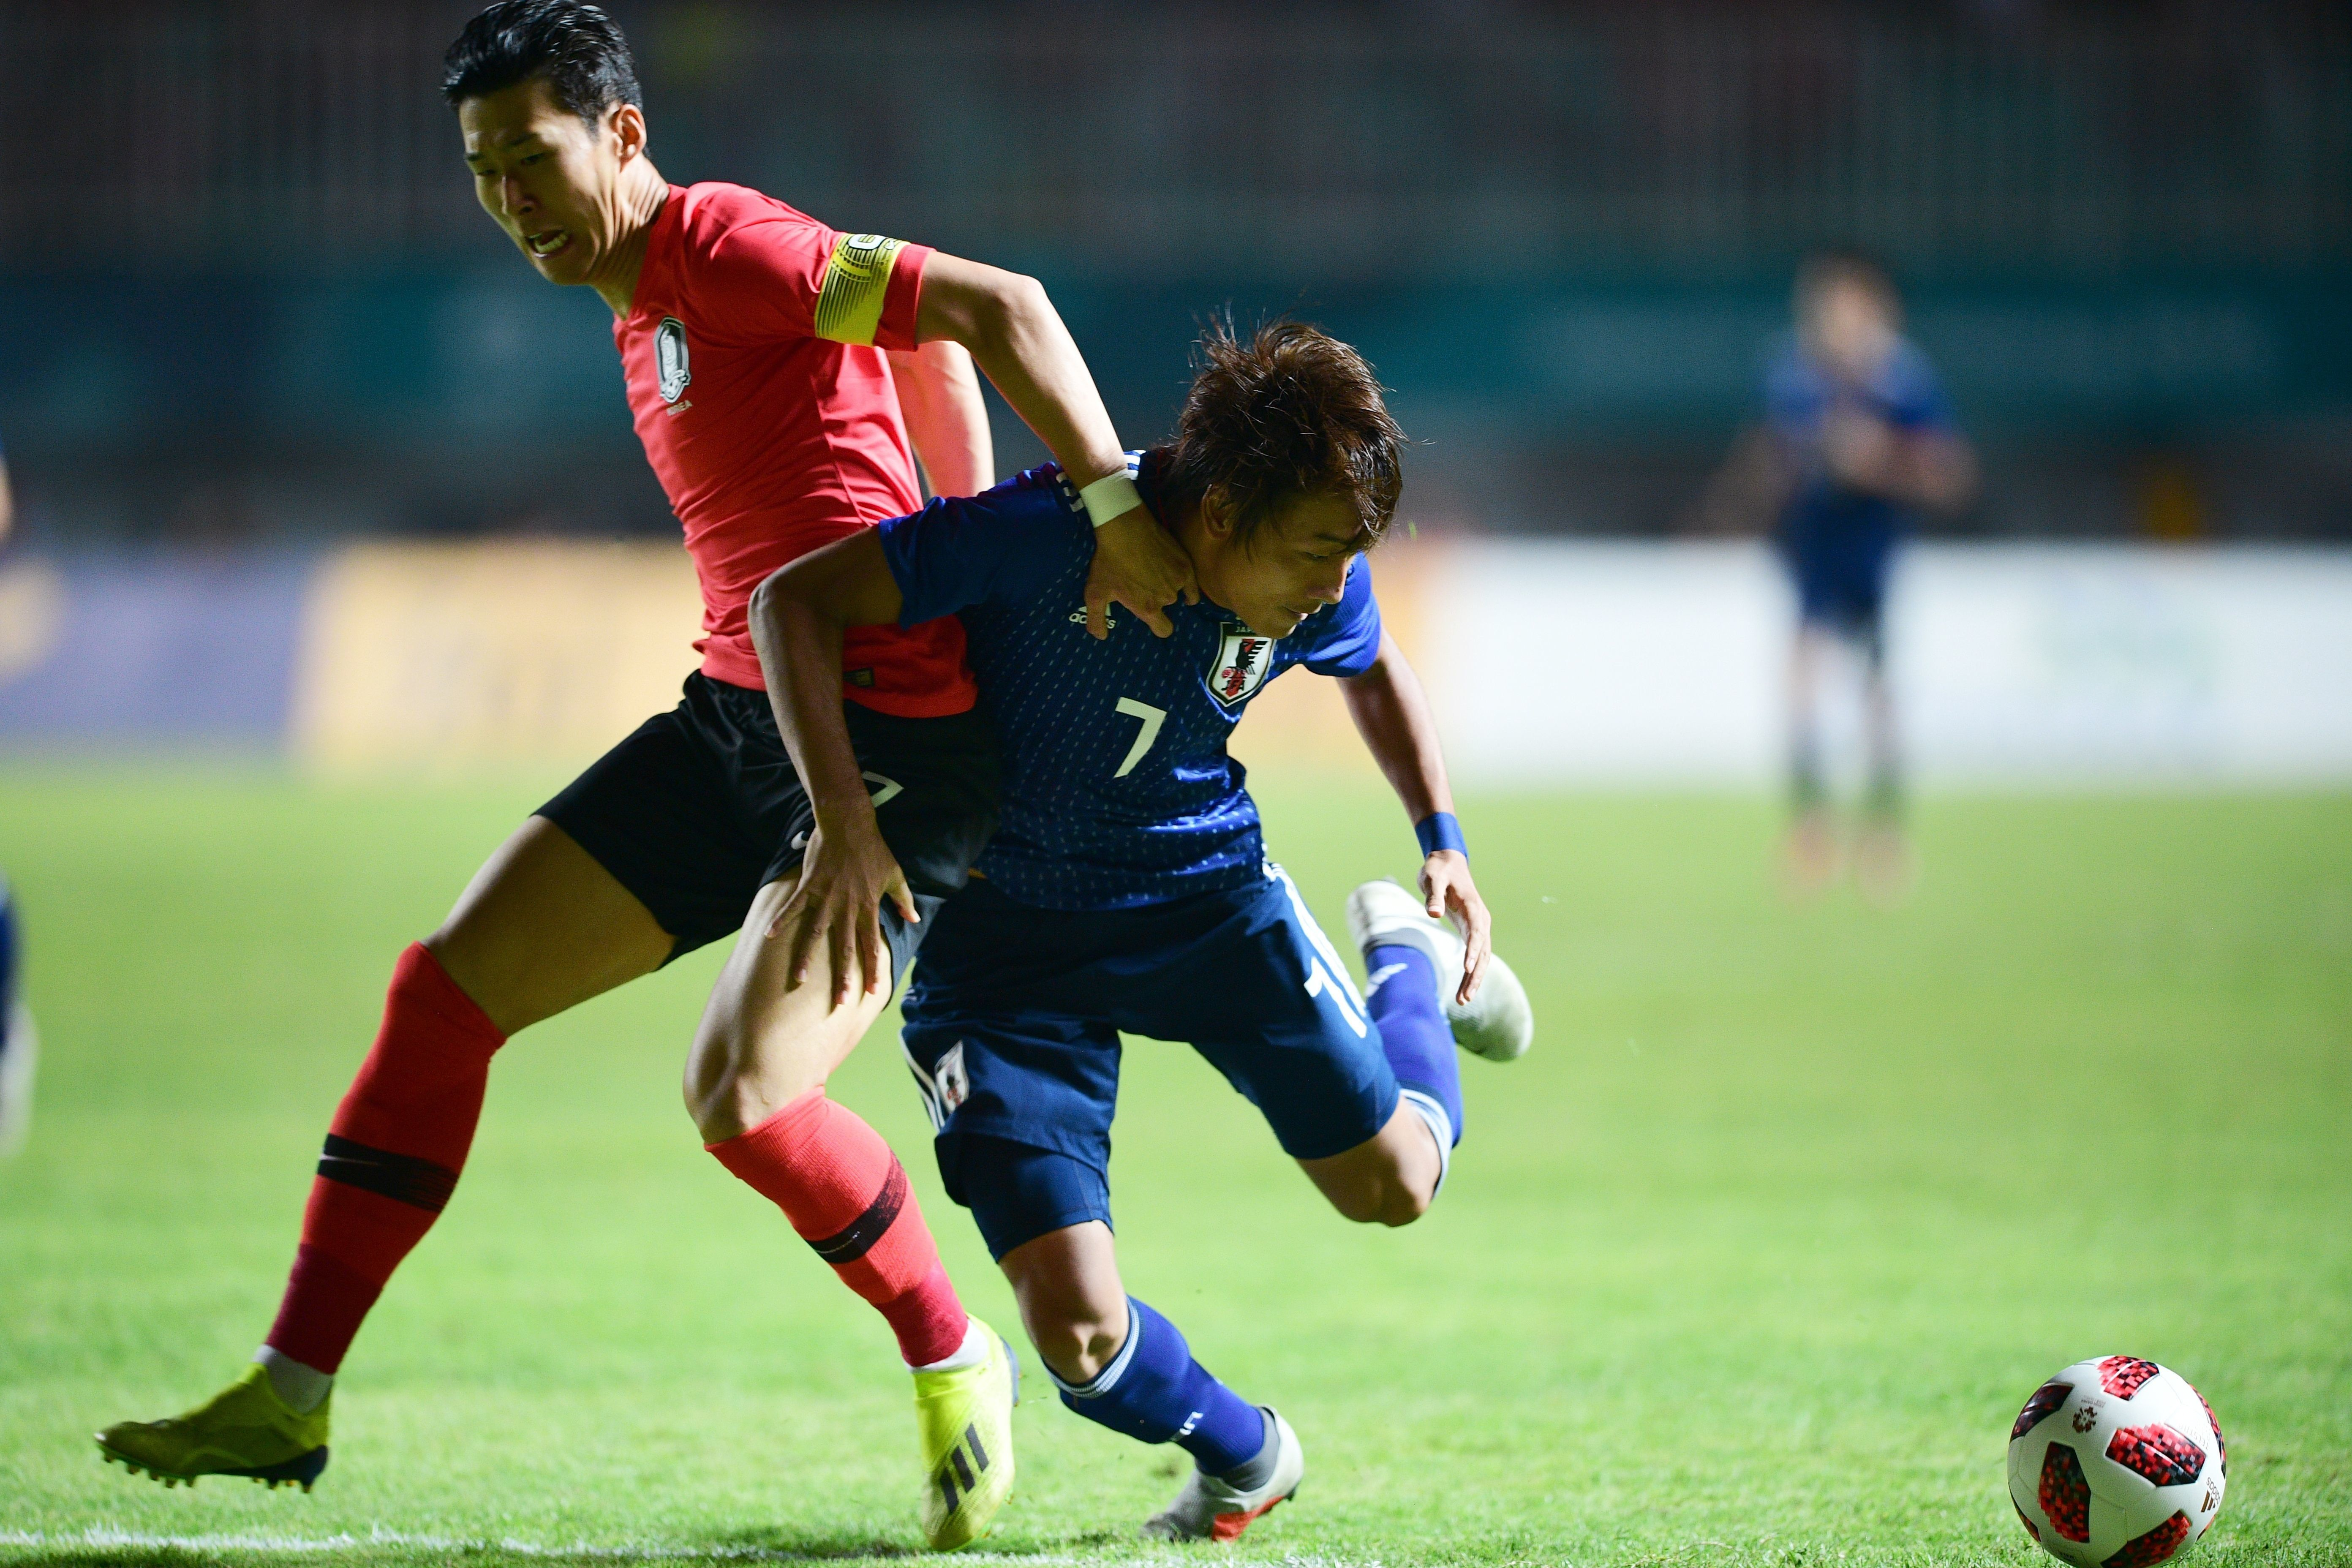 아시아축구 남자축구 결승전이 정규 시간에 승부를 가리지